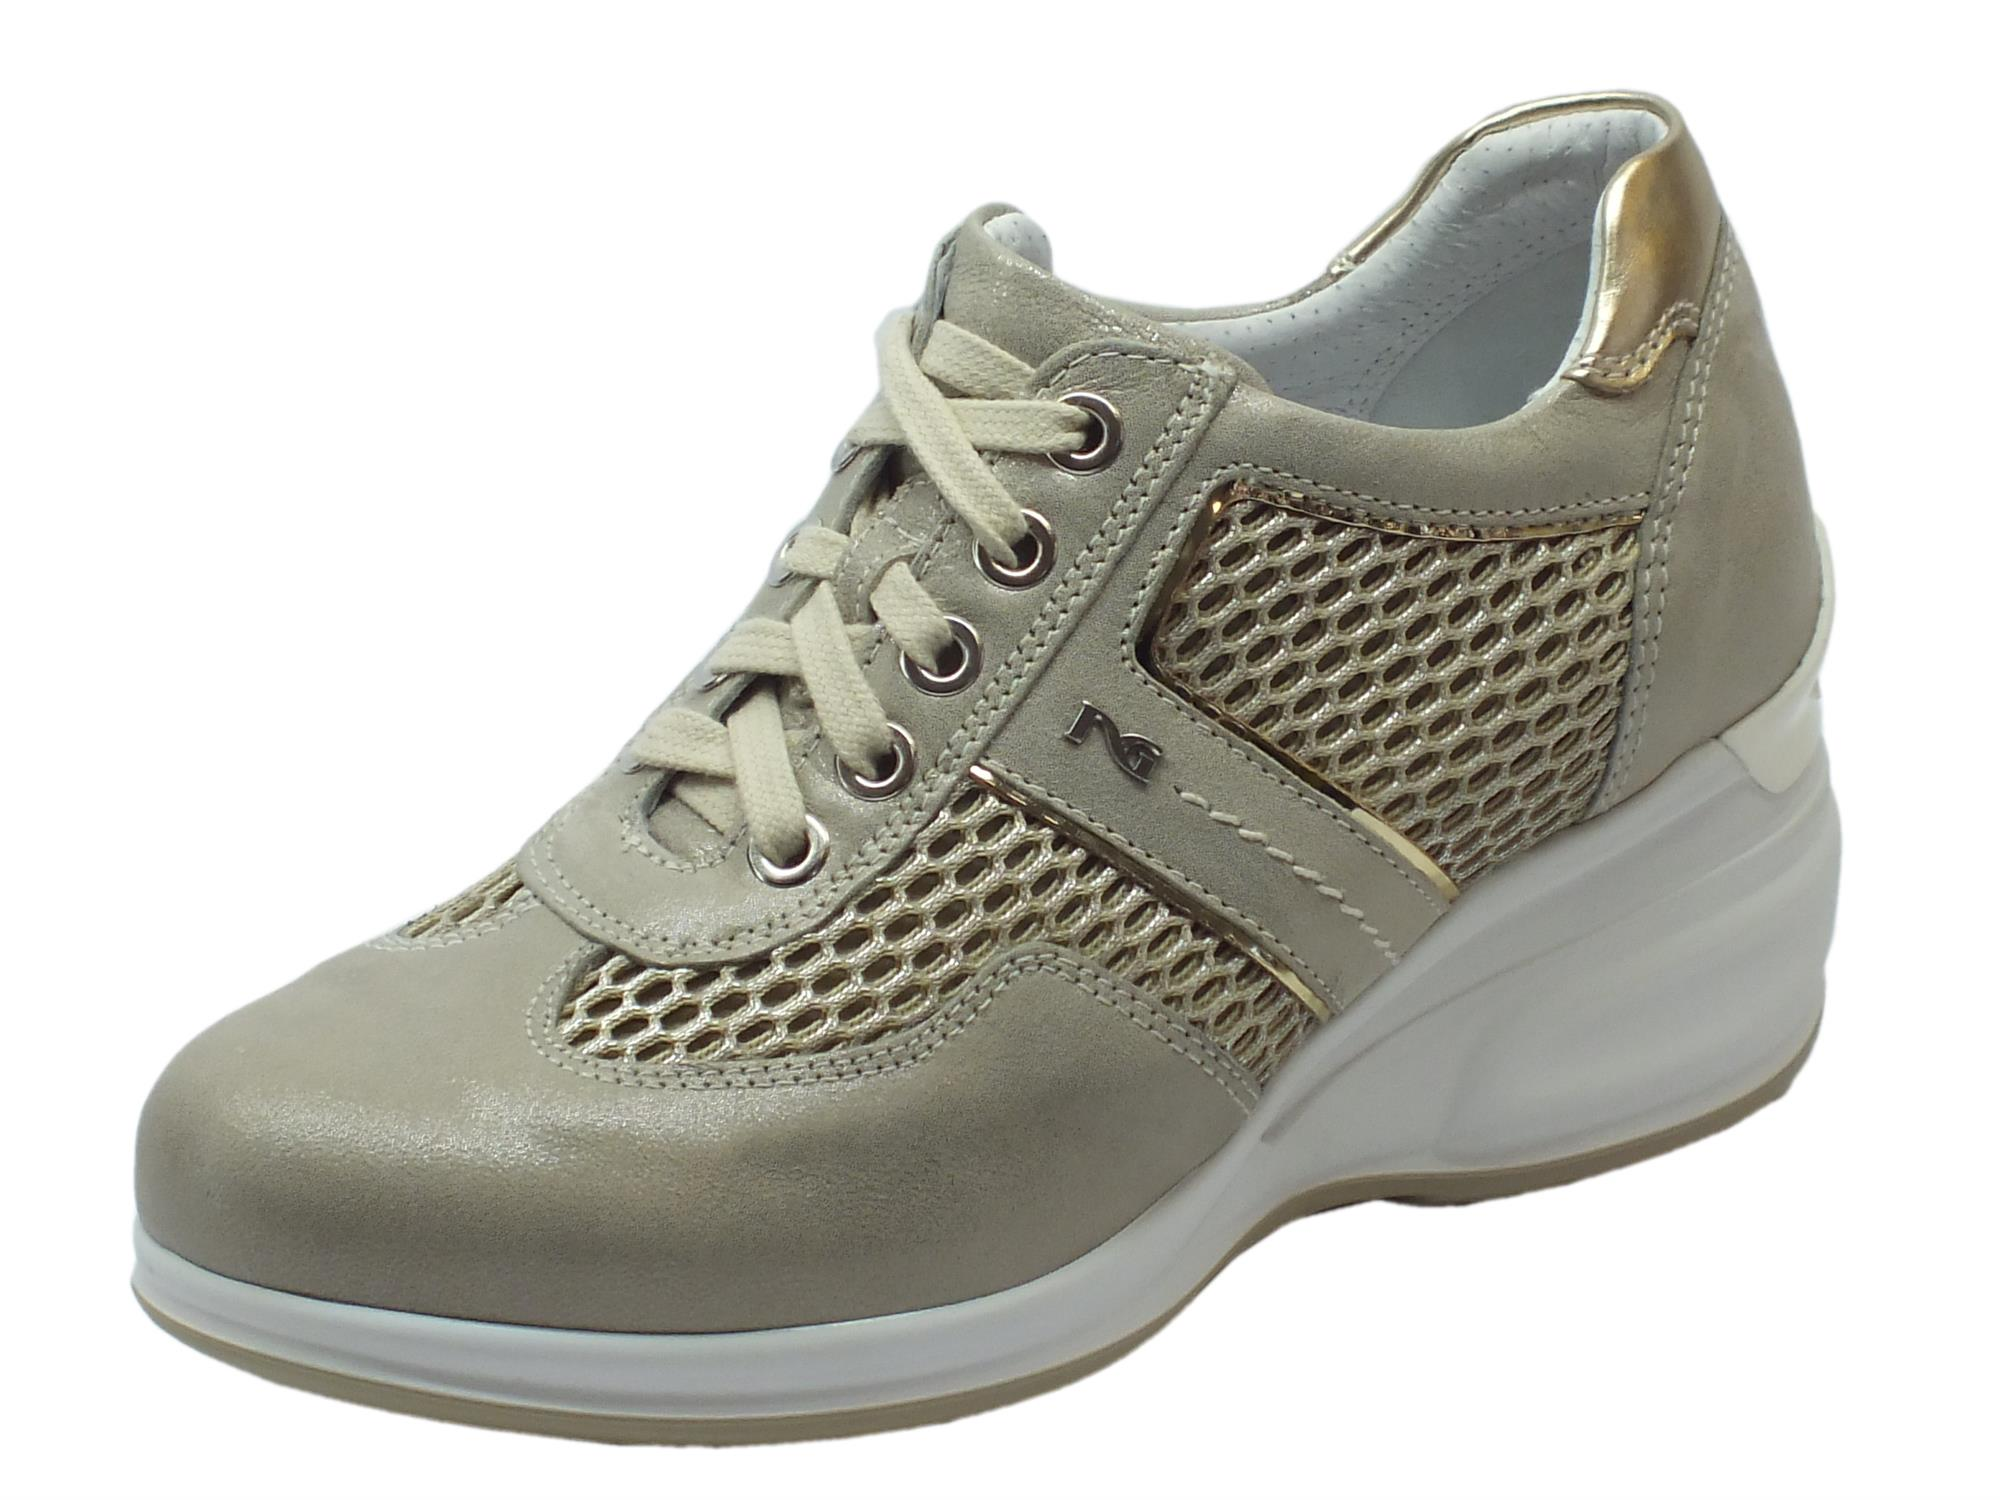 Sneakers NeroGiardini per donna in pelle e tessuto beige con zeppa alta 1f5f0d3fae6